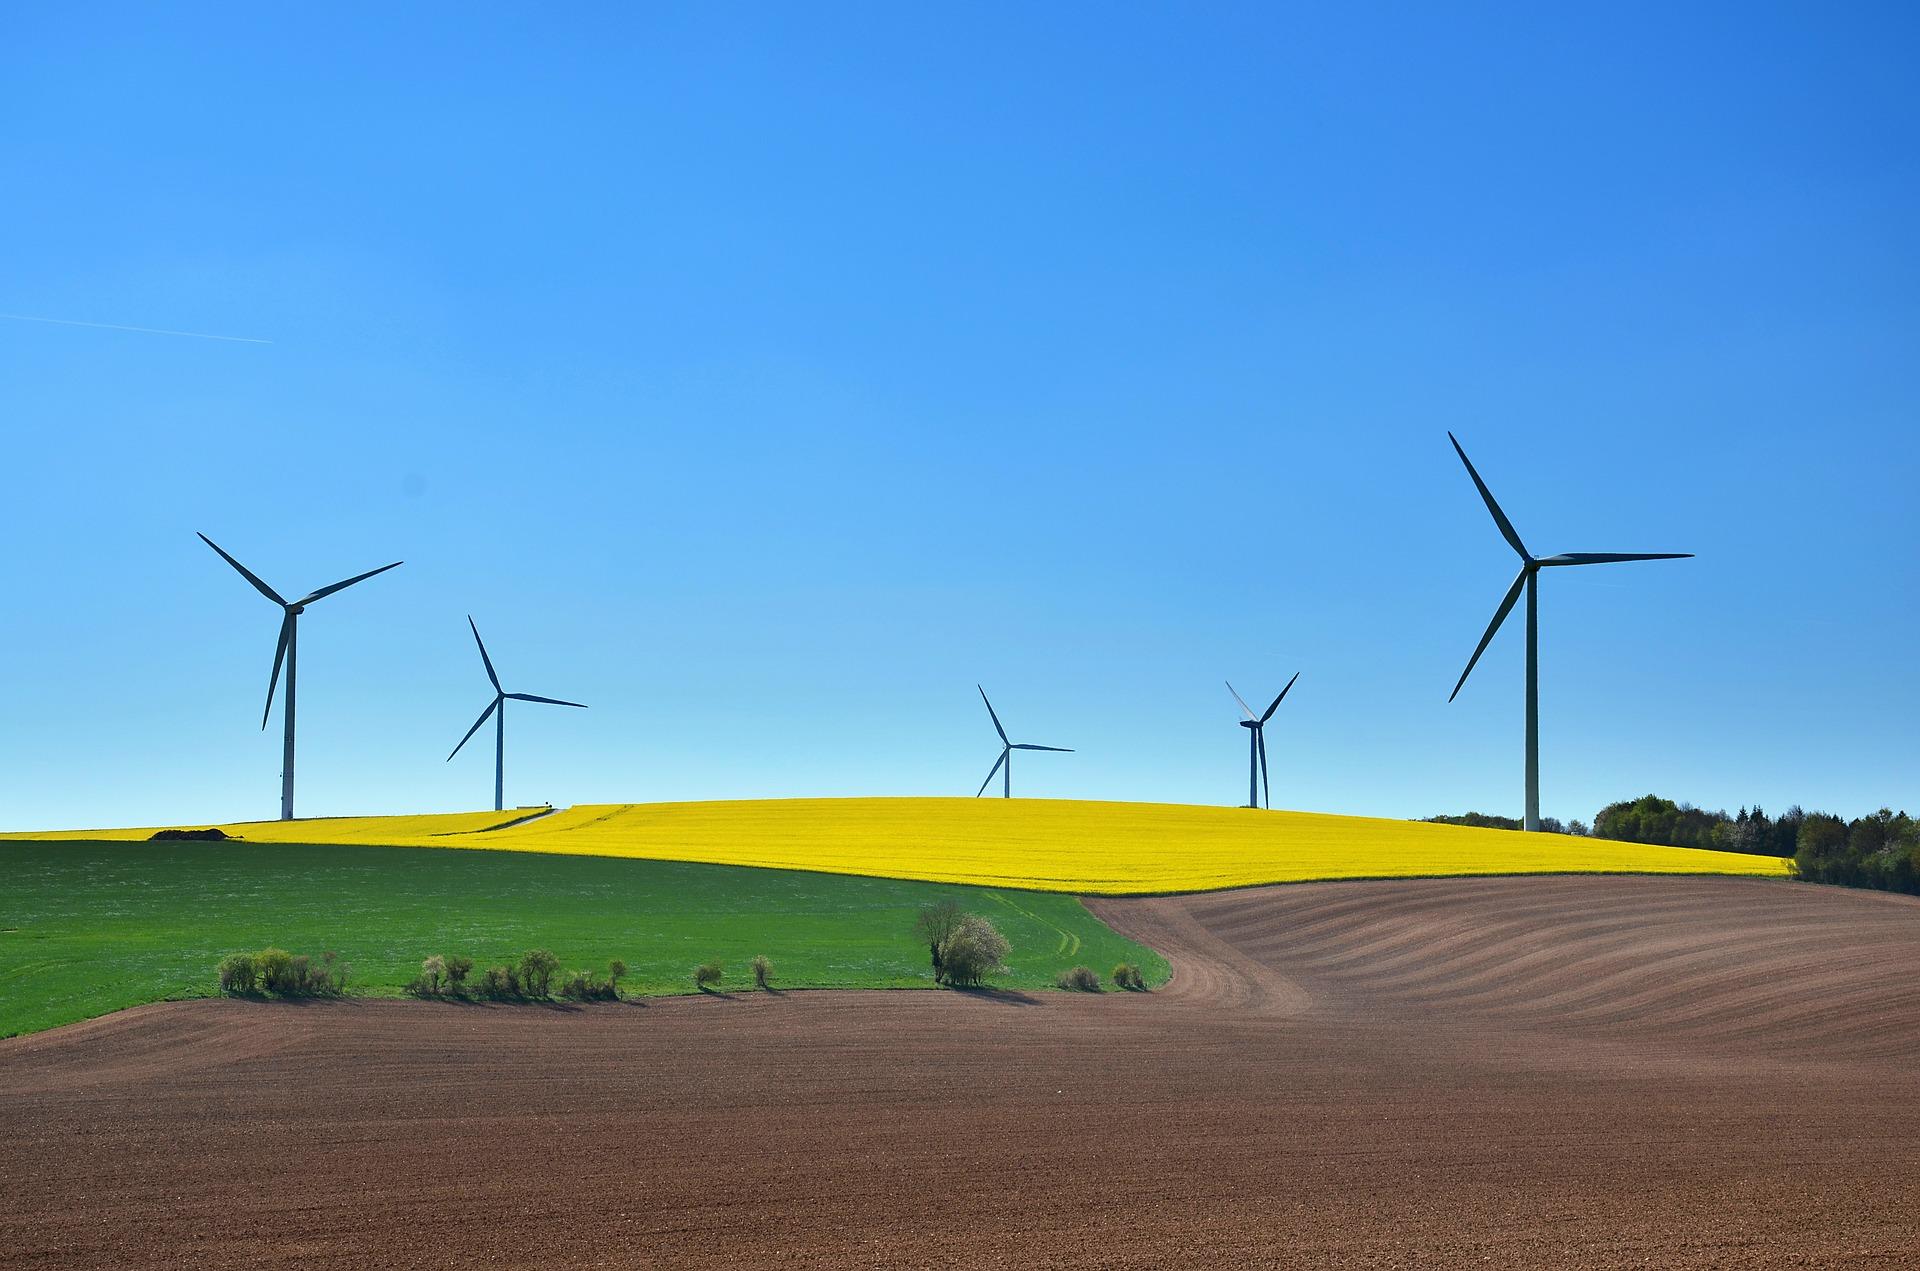 63,6 milliárd eurót költöttek megújuló energiaforrások támogatására a CEER-tagországok